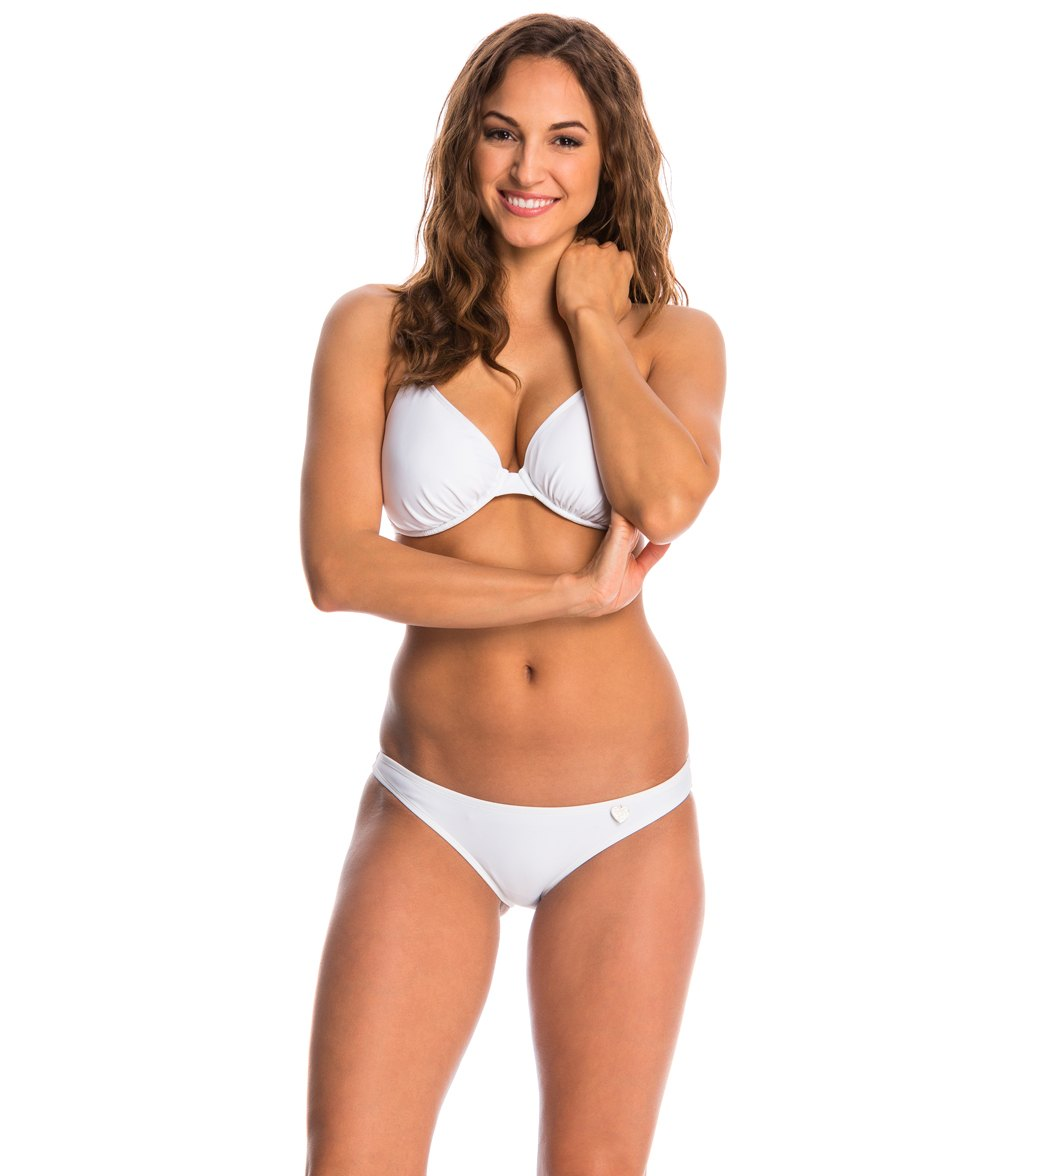 6500541d27269 Body Glove Swimwear SmoothiesSolo D DD E F Cup Underwire Bikini Top ...